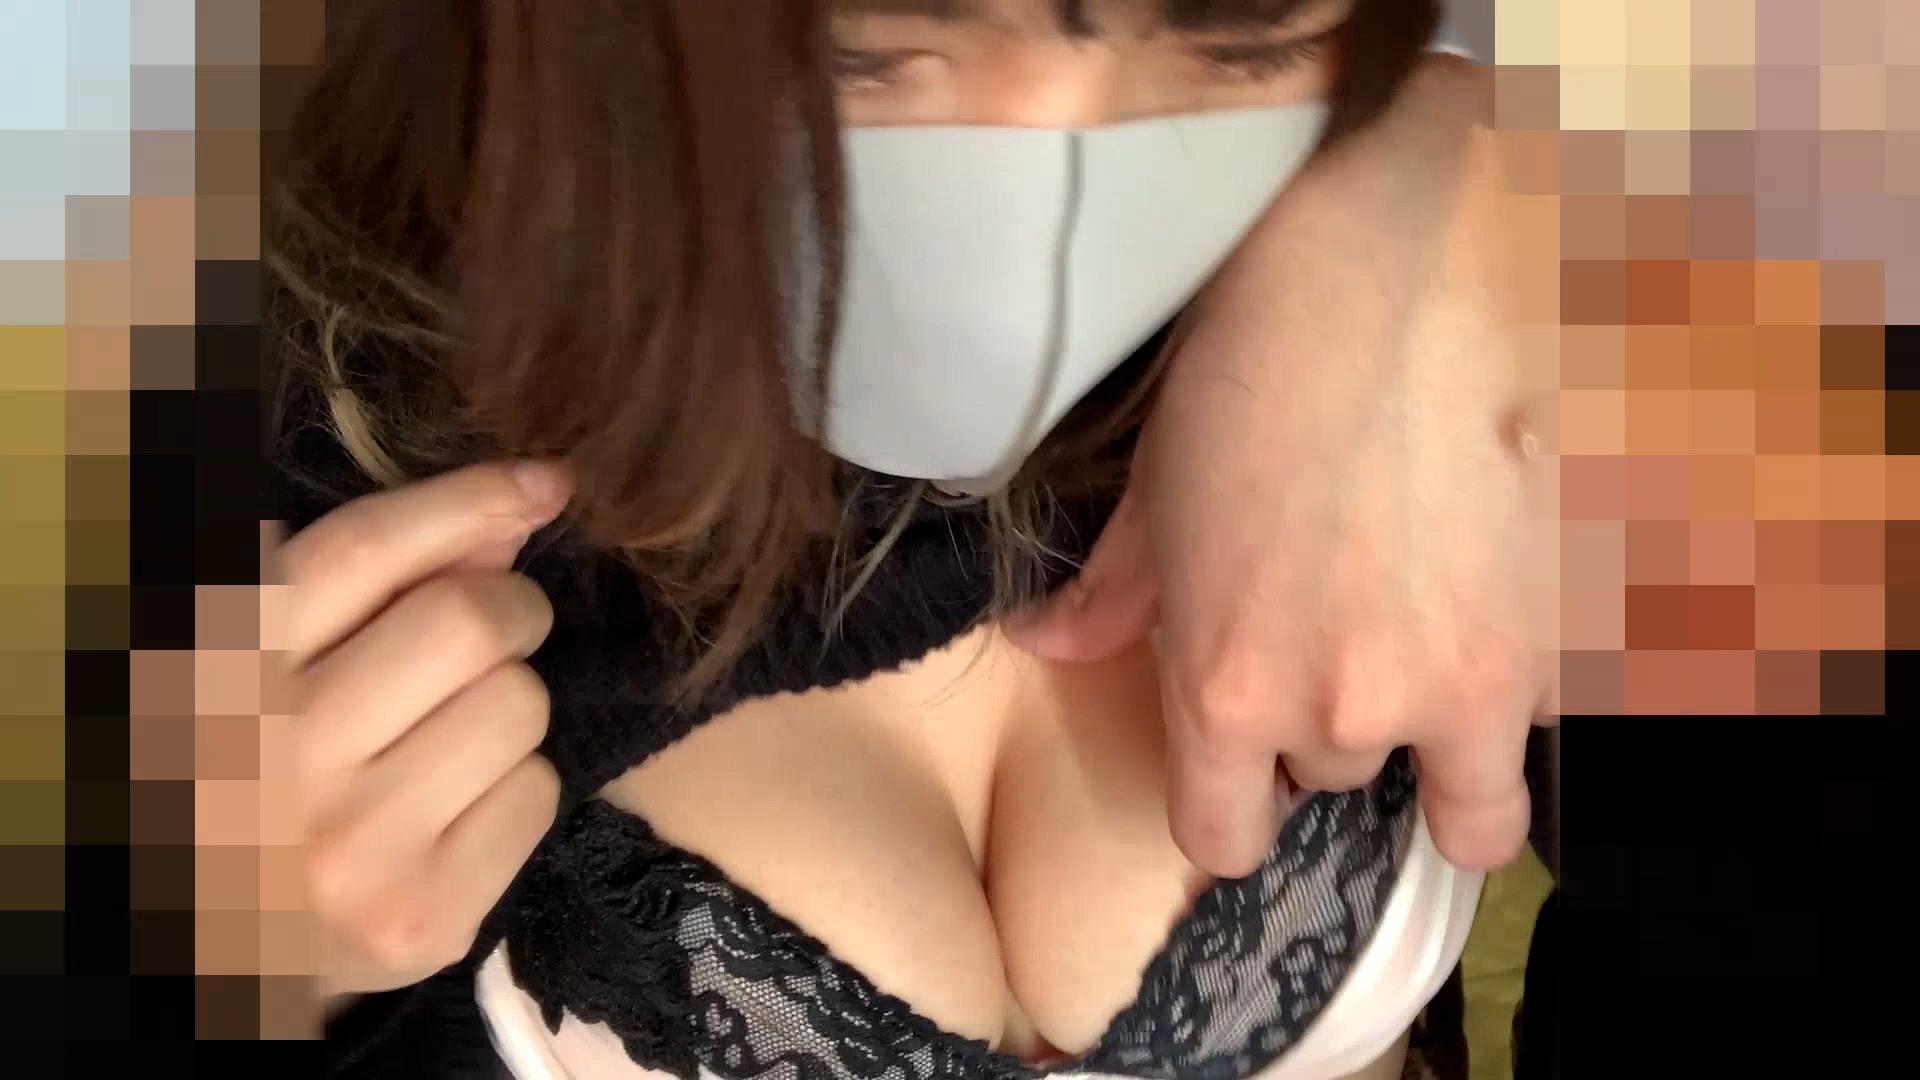 実録 電車痴〇映像 #027,のサンプル画像13